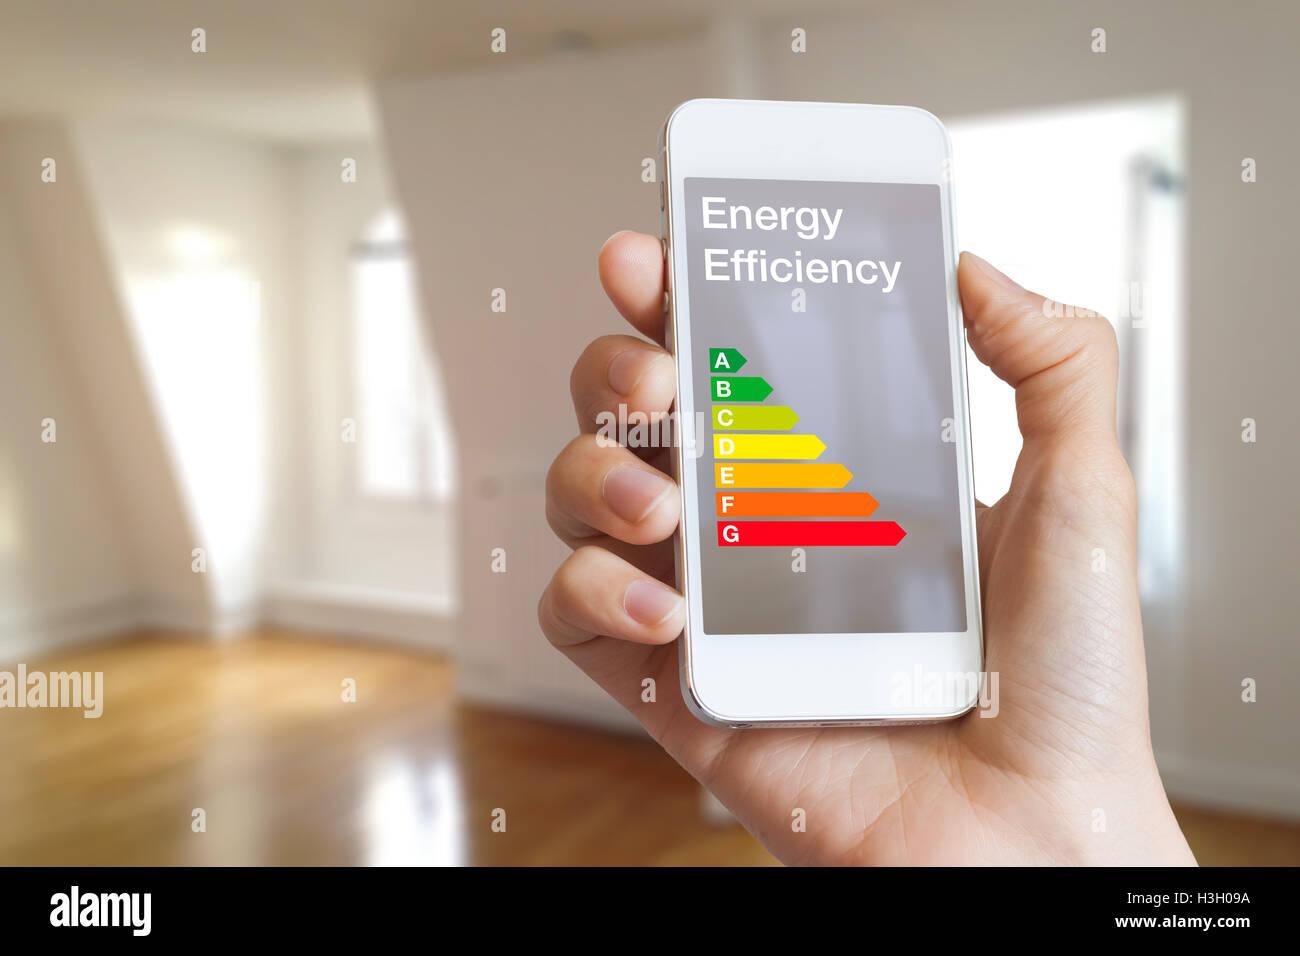 Categoria di efficienza energetica sullo smartphone app da donna agente immobiliare e arredamento in background Immagini Stock